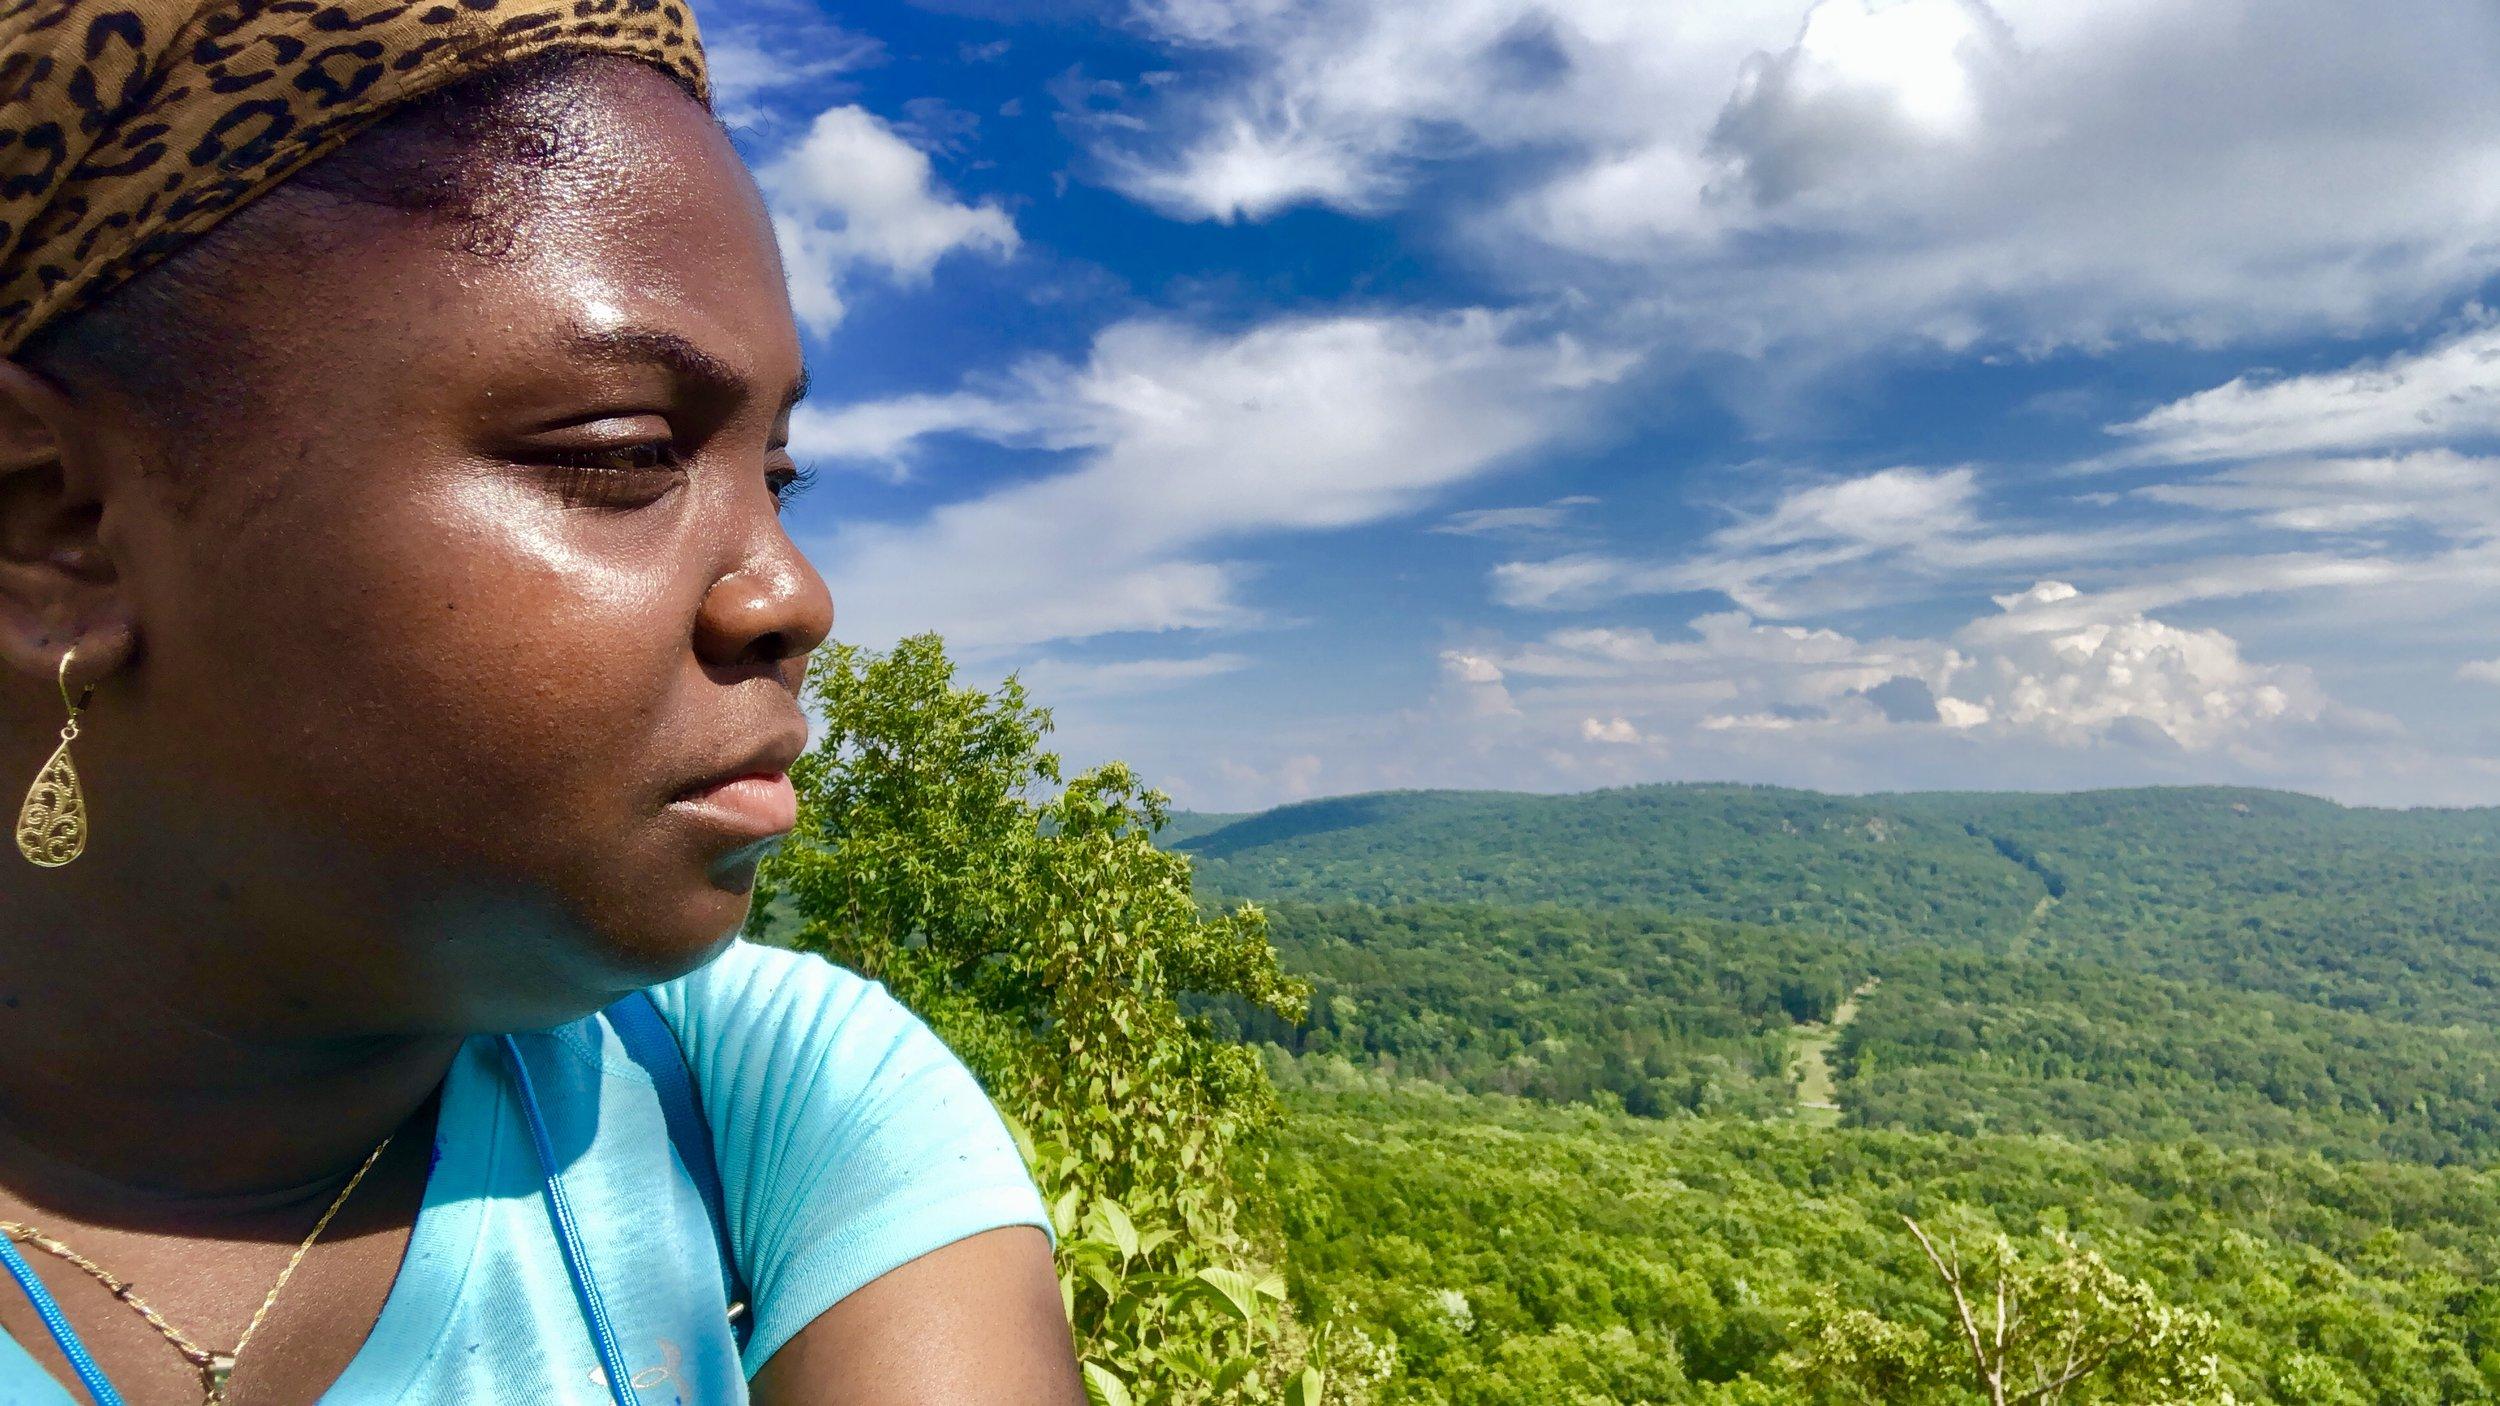 Me_hiking2.jpg